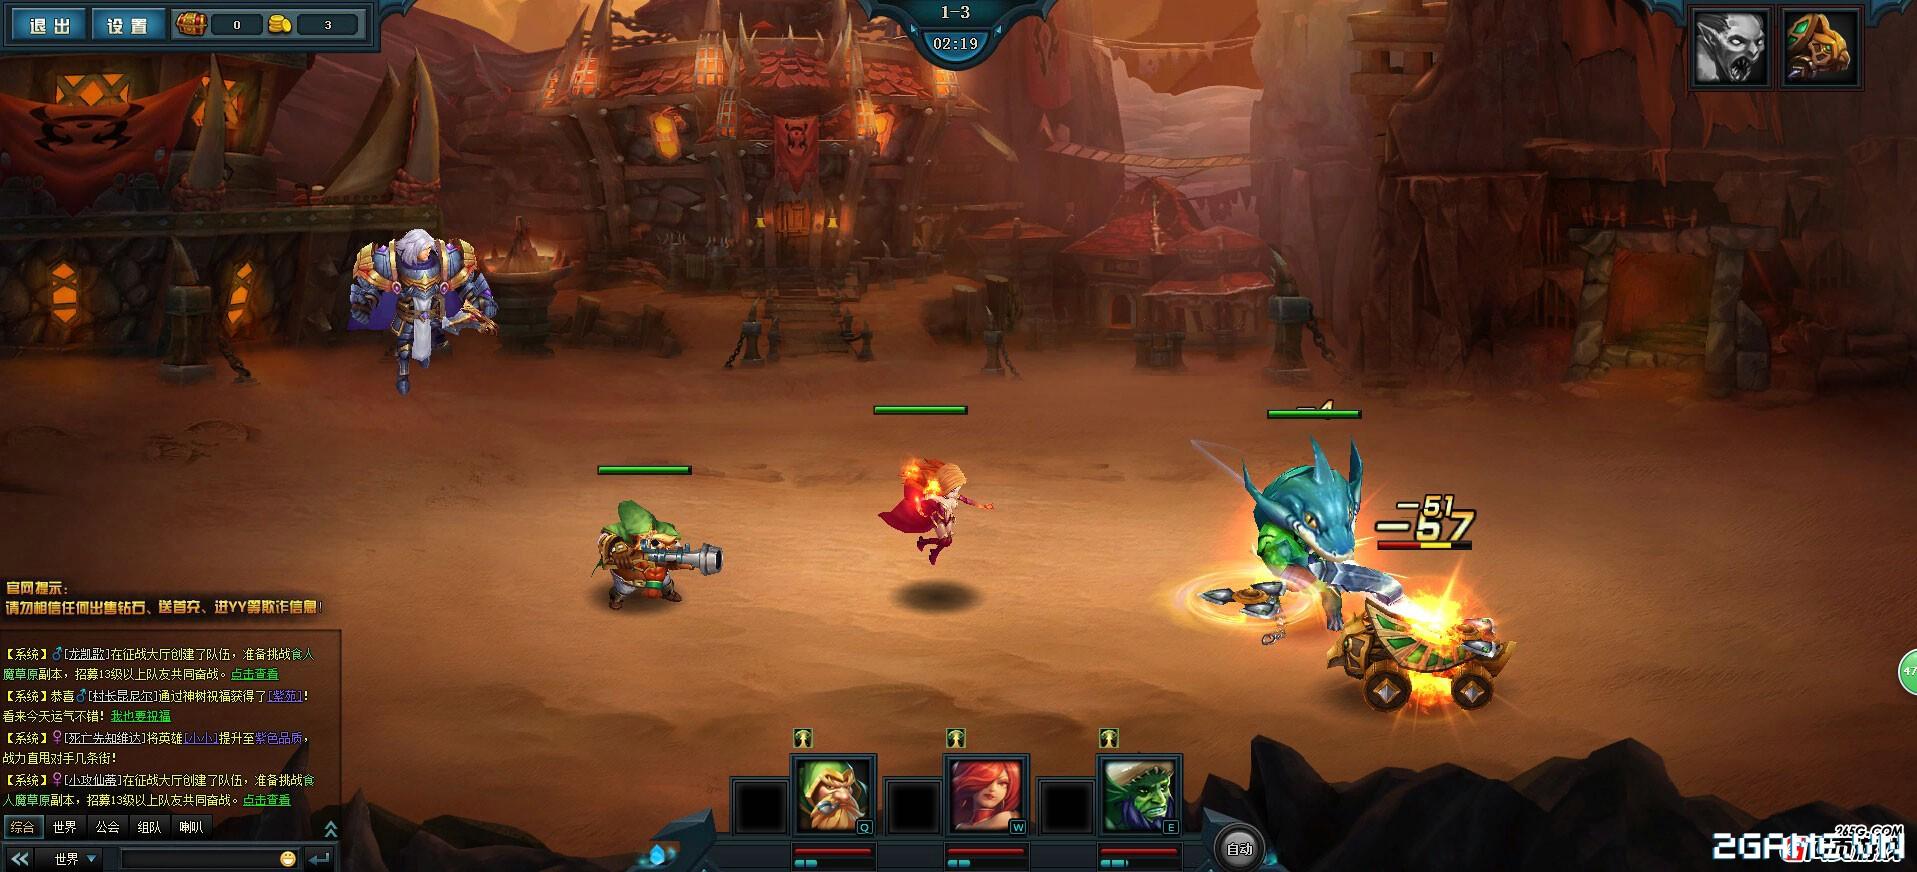 Webgame Đao Tháp Huyết Chiến - Tái hiện đấu trường DotA kiểu mới 12